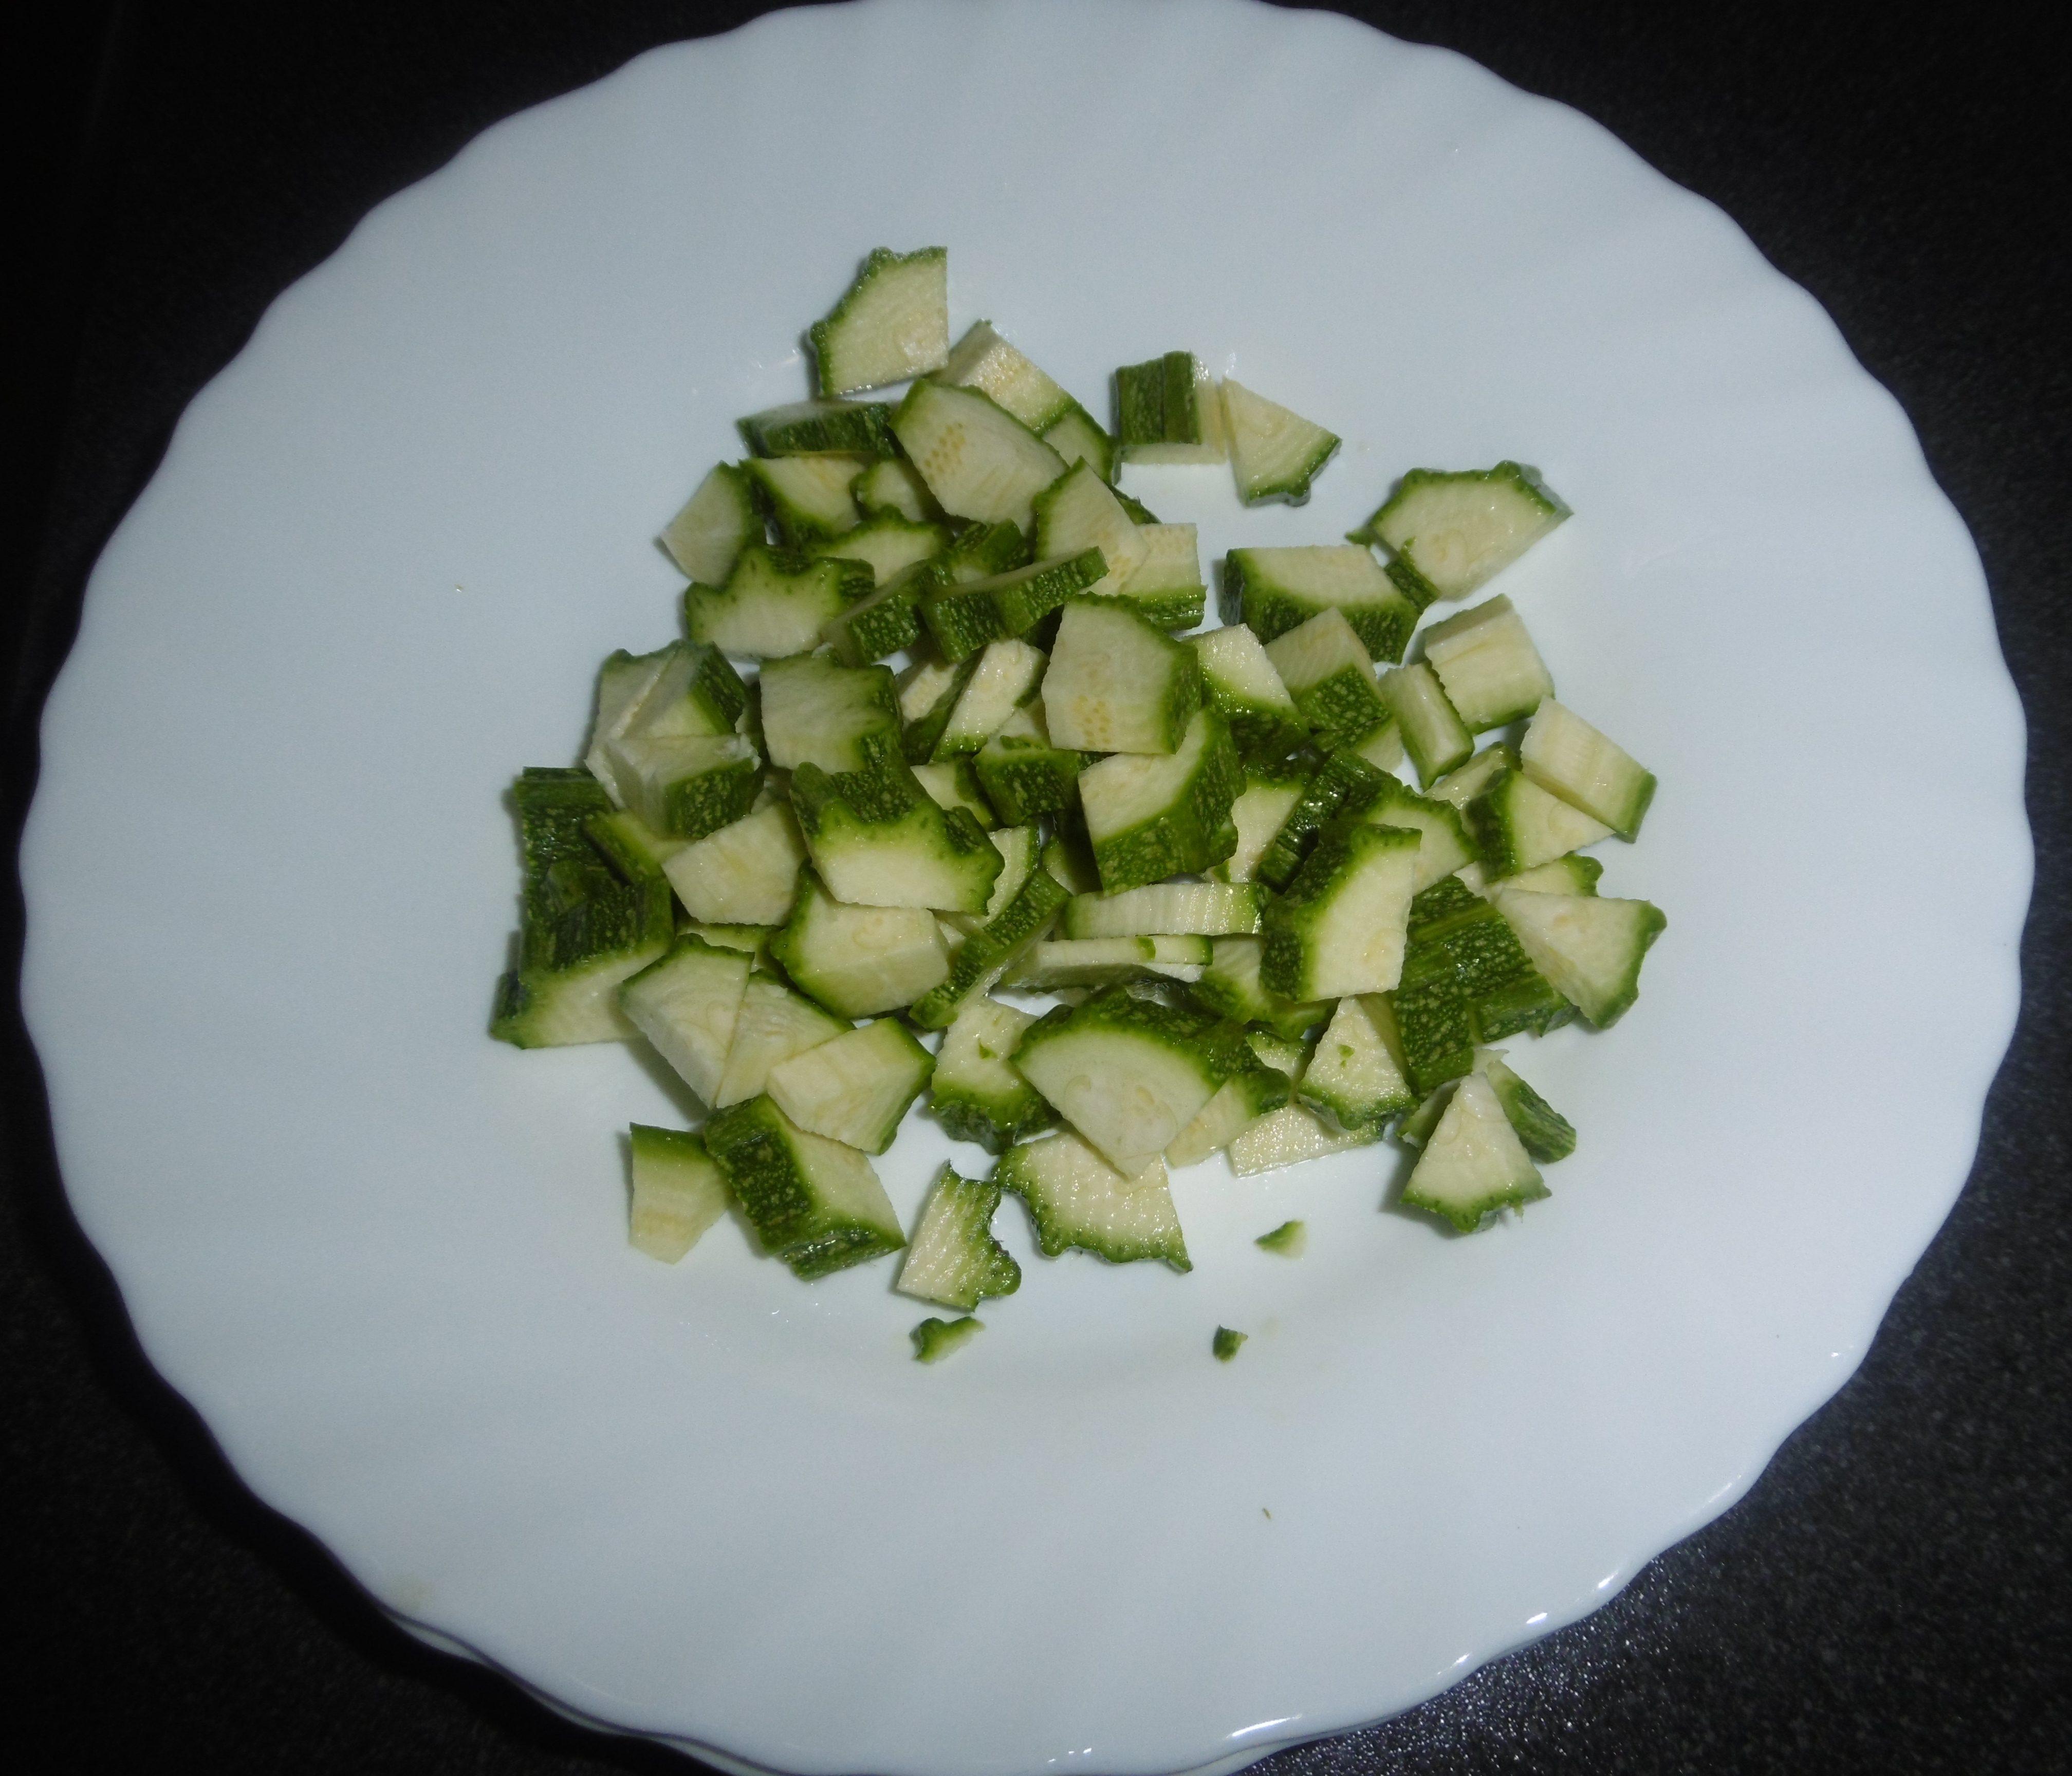 Frittata di zucchine - Zucchine tagliate